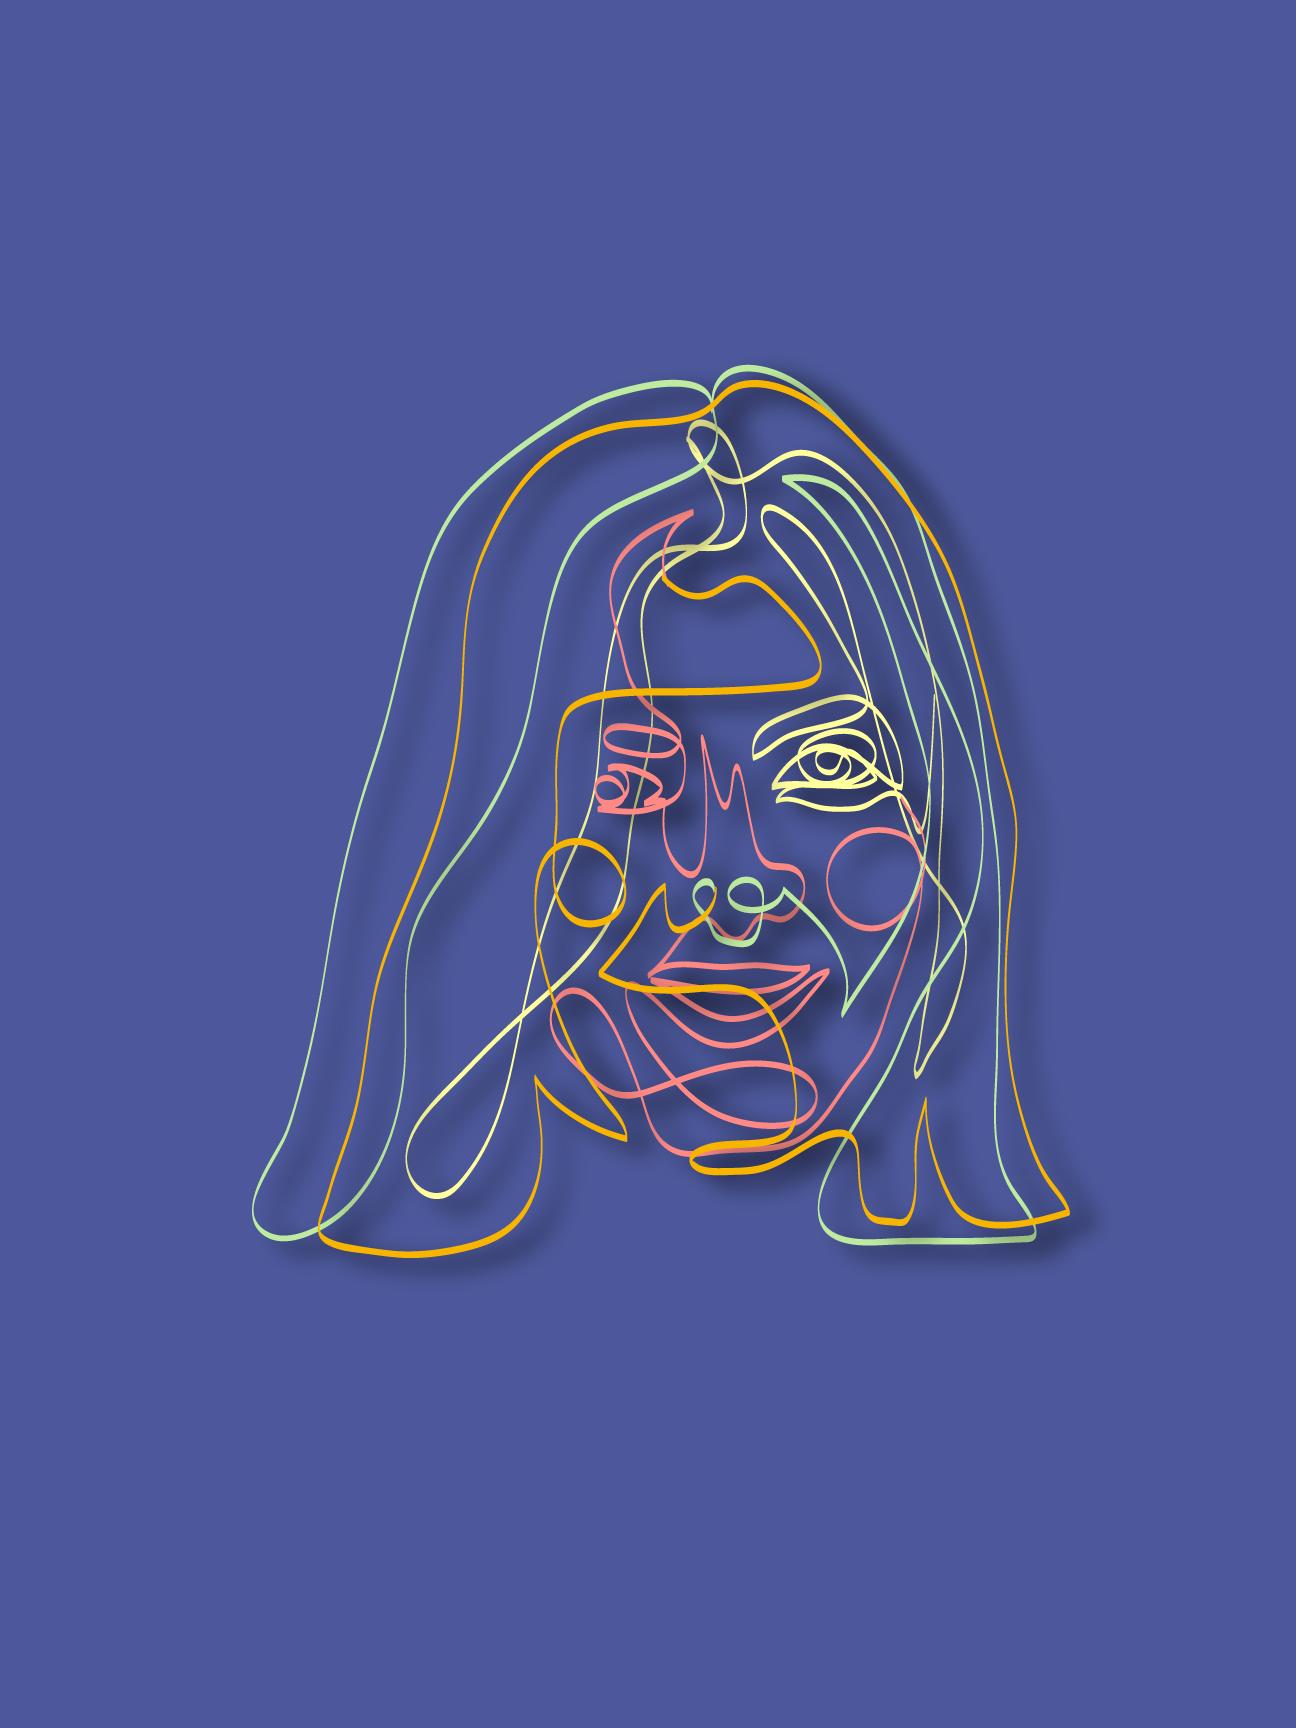 Nastya's Portrait 2019, Linear Art